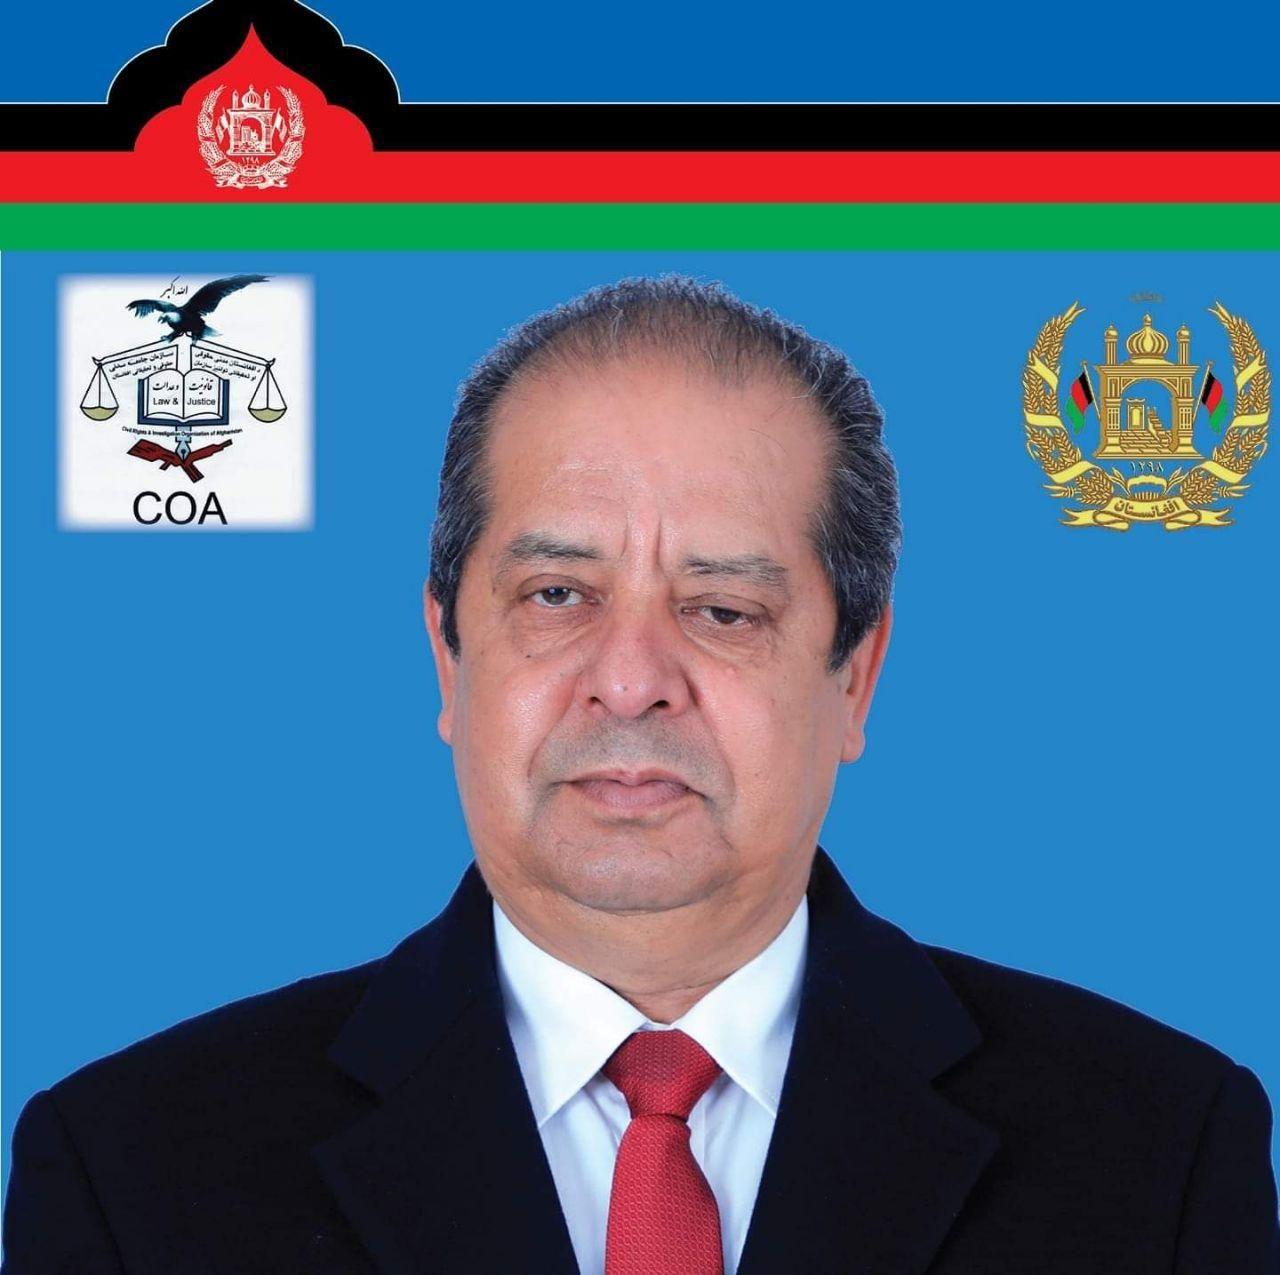 محمد حکیم تورسن  - شعار جالب محمد حکیم تورسن نامزد ریاست جمهوری